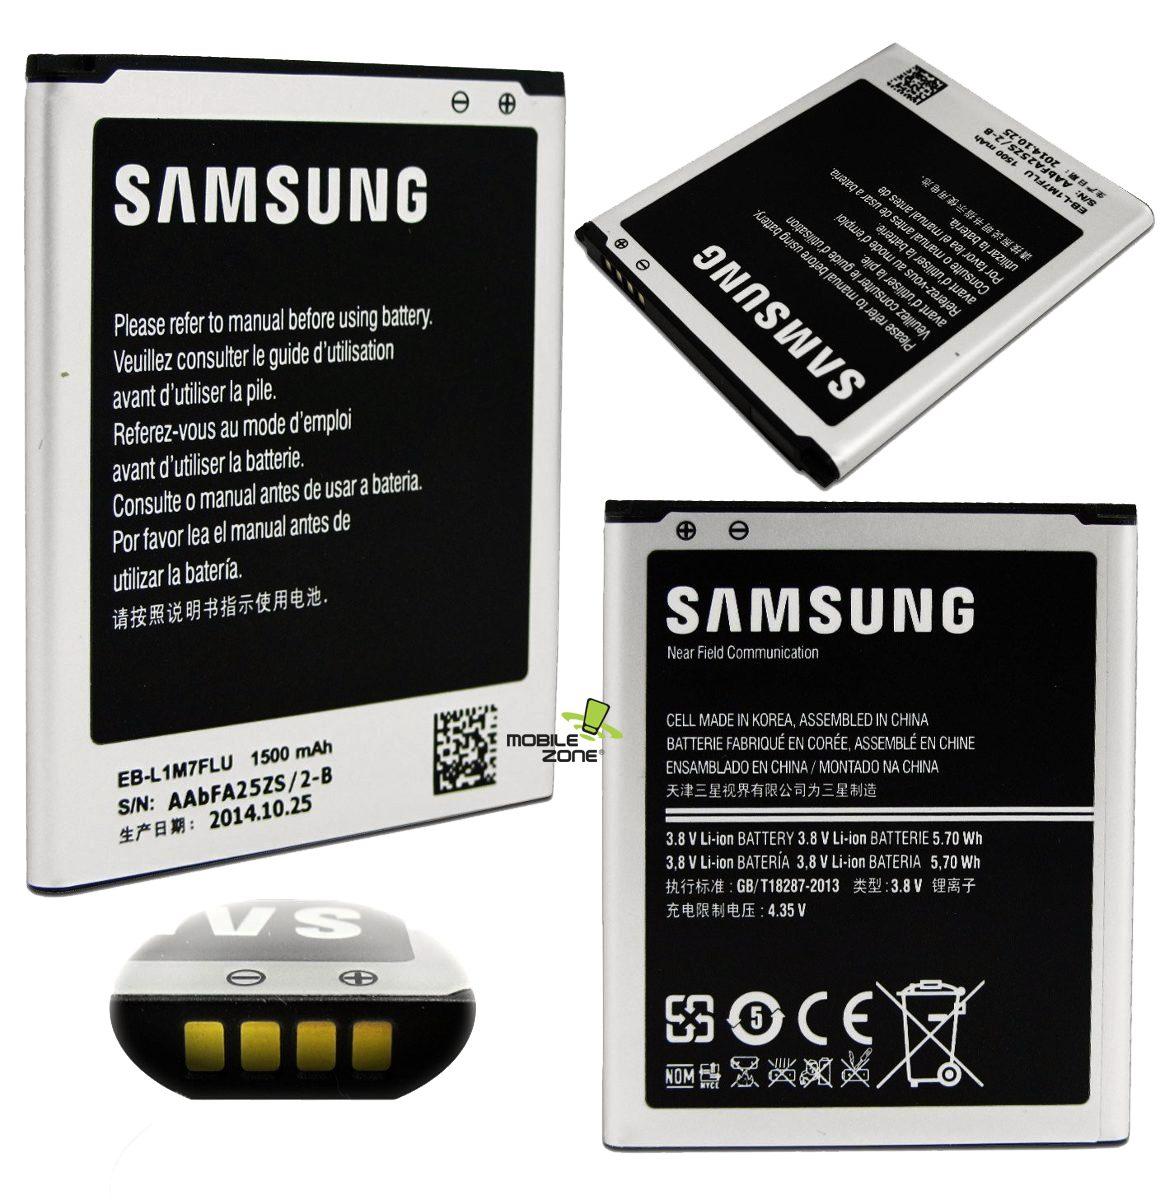 bateria samsung galaxy ace mercadolibre colombia